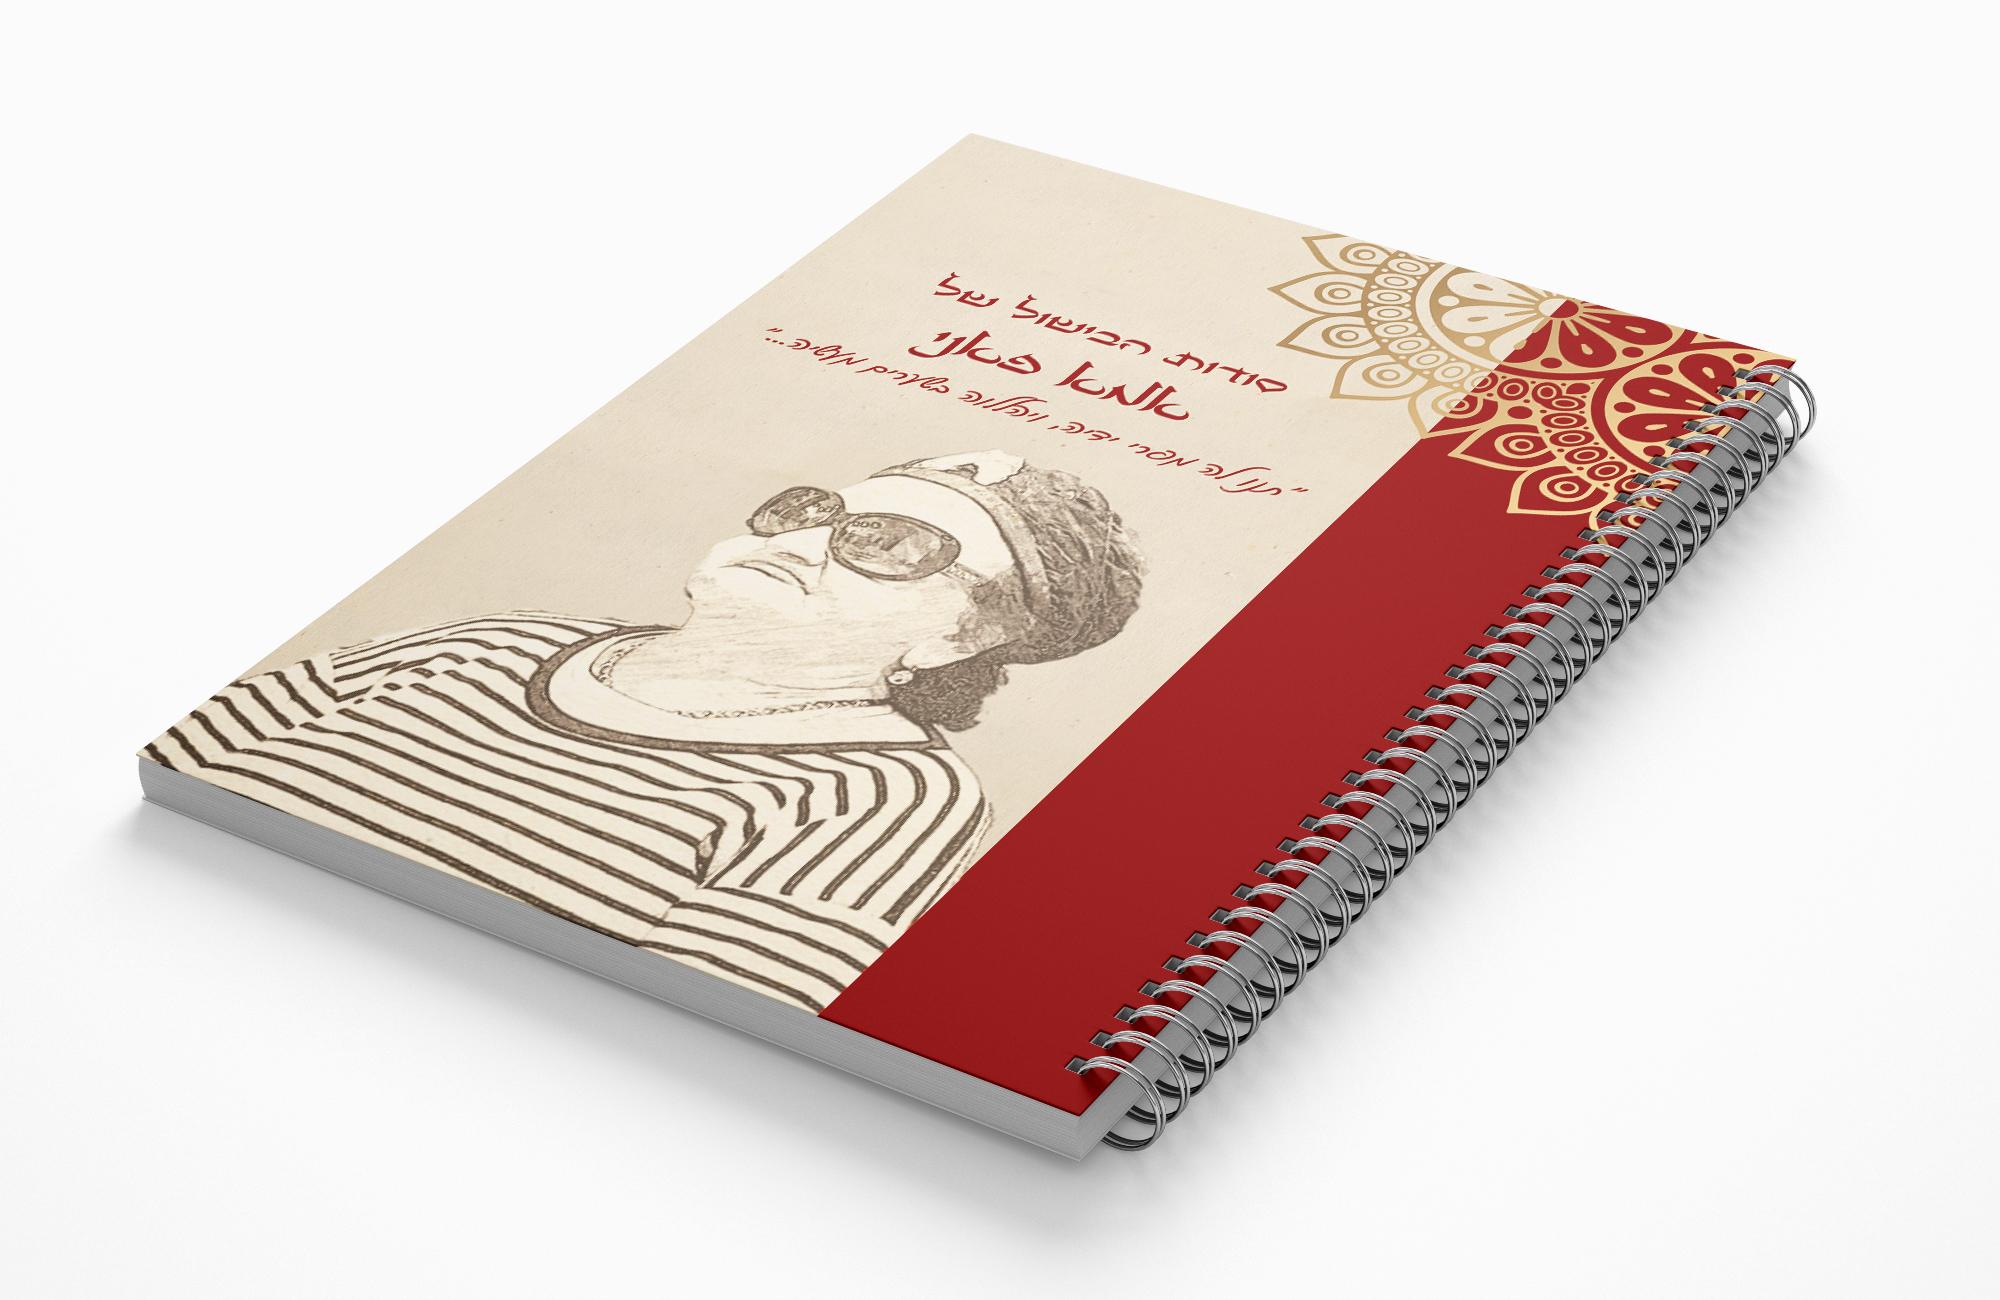 אמא פאני - ספר בישול . עיצוב ספרים